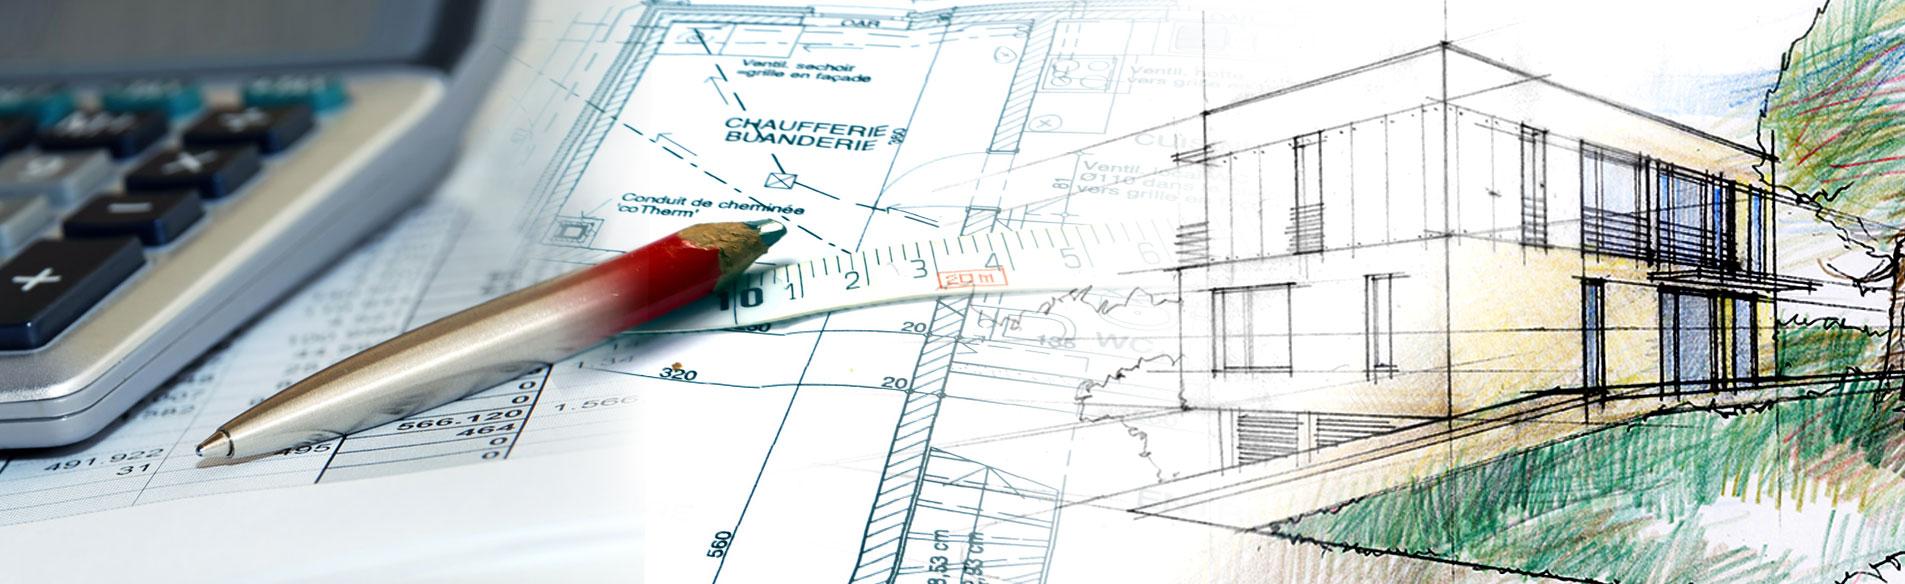 Etude de faisabilité avec architecte, conception & réalisation